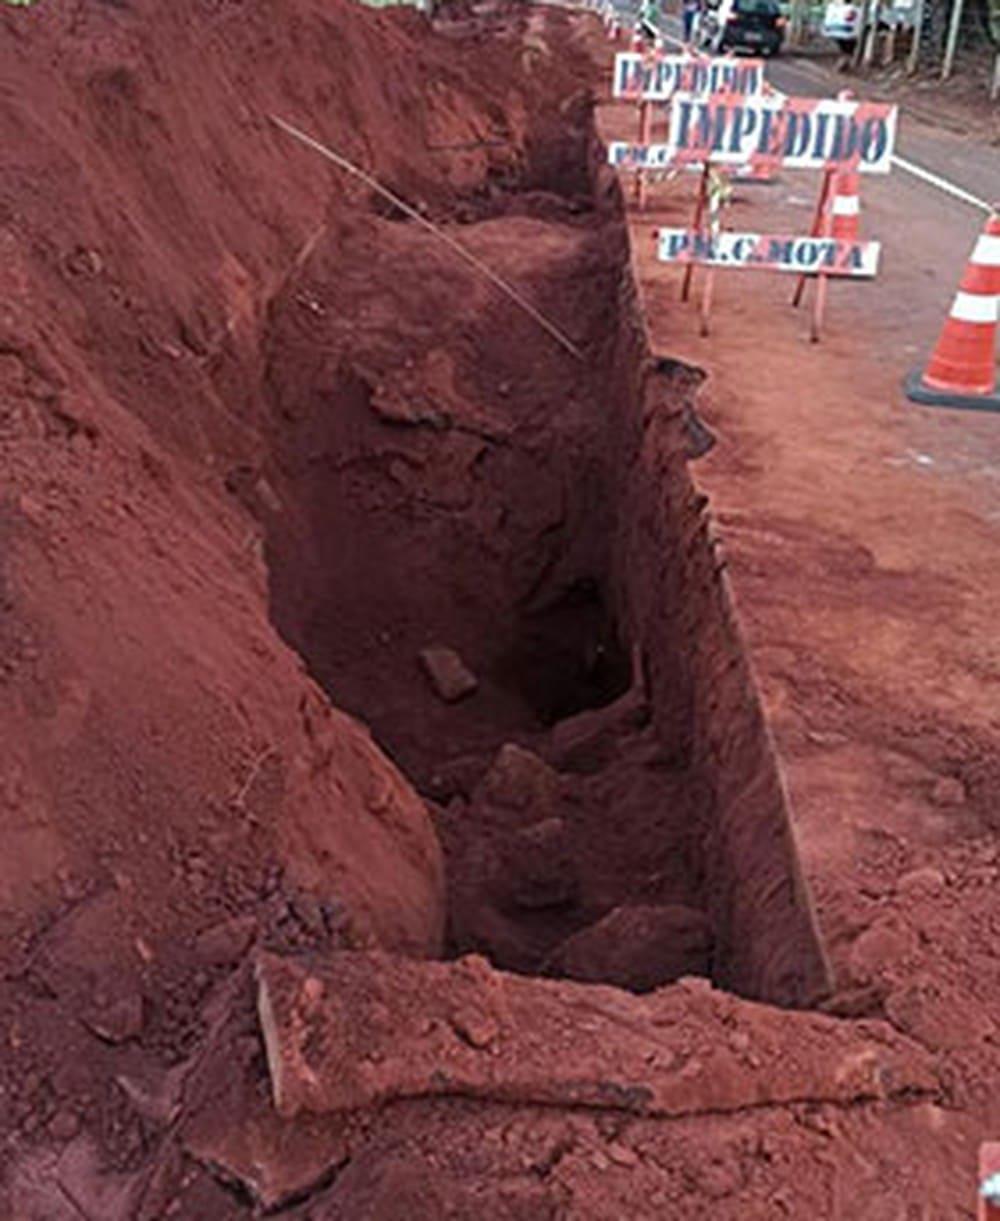 Trabalhador morreu soterrado na obra em Cândido Mota — Foto: José Zambito / Arquivo pessoal